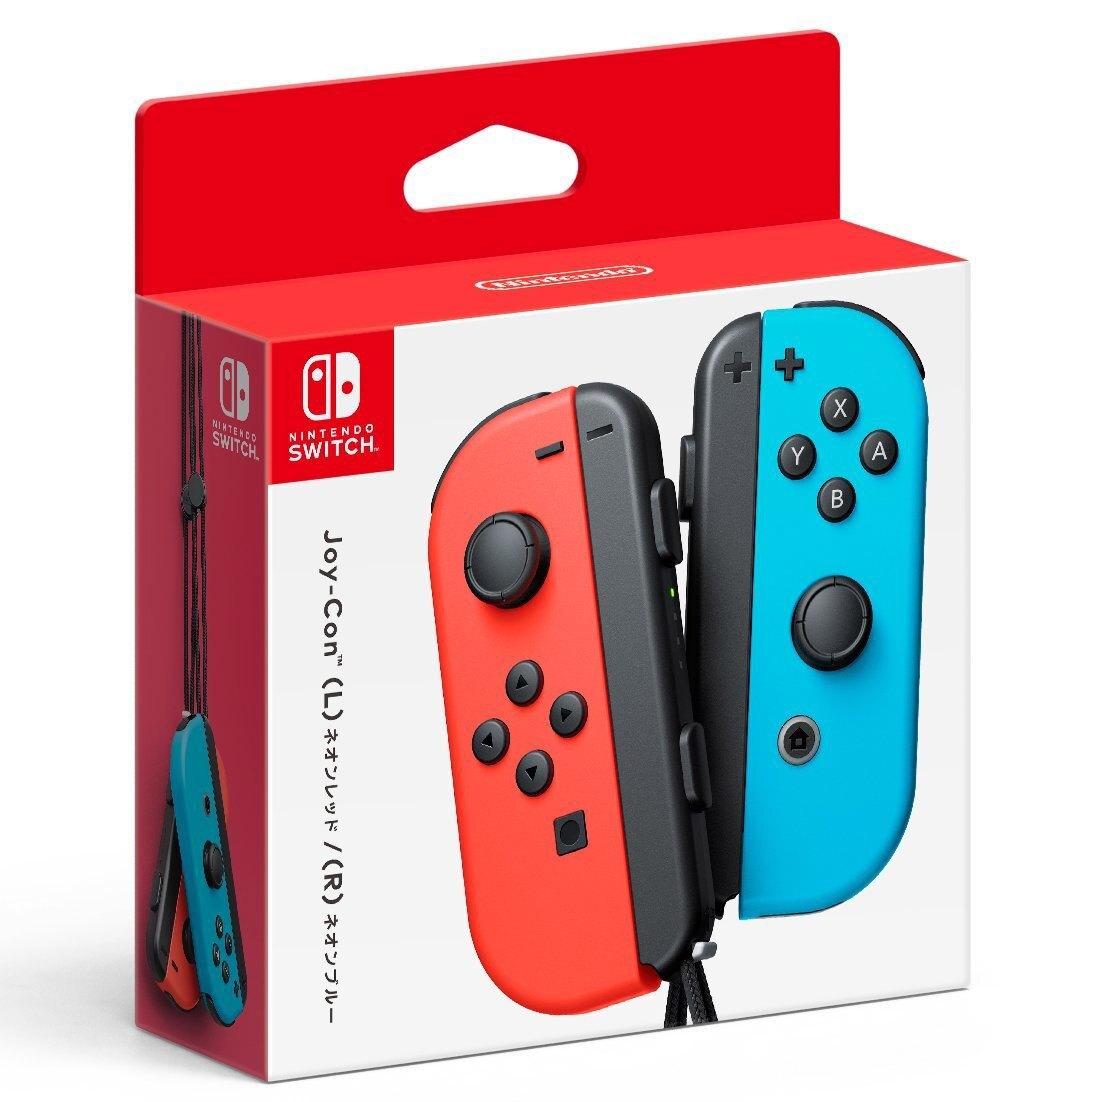 現貨供應中  [普遍級]  Nintendo Switch Joy-Con 控制器組(電光紅 / 電光藍)